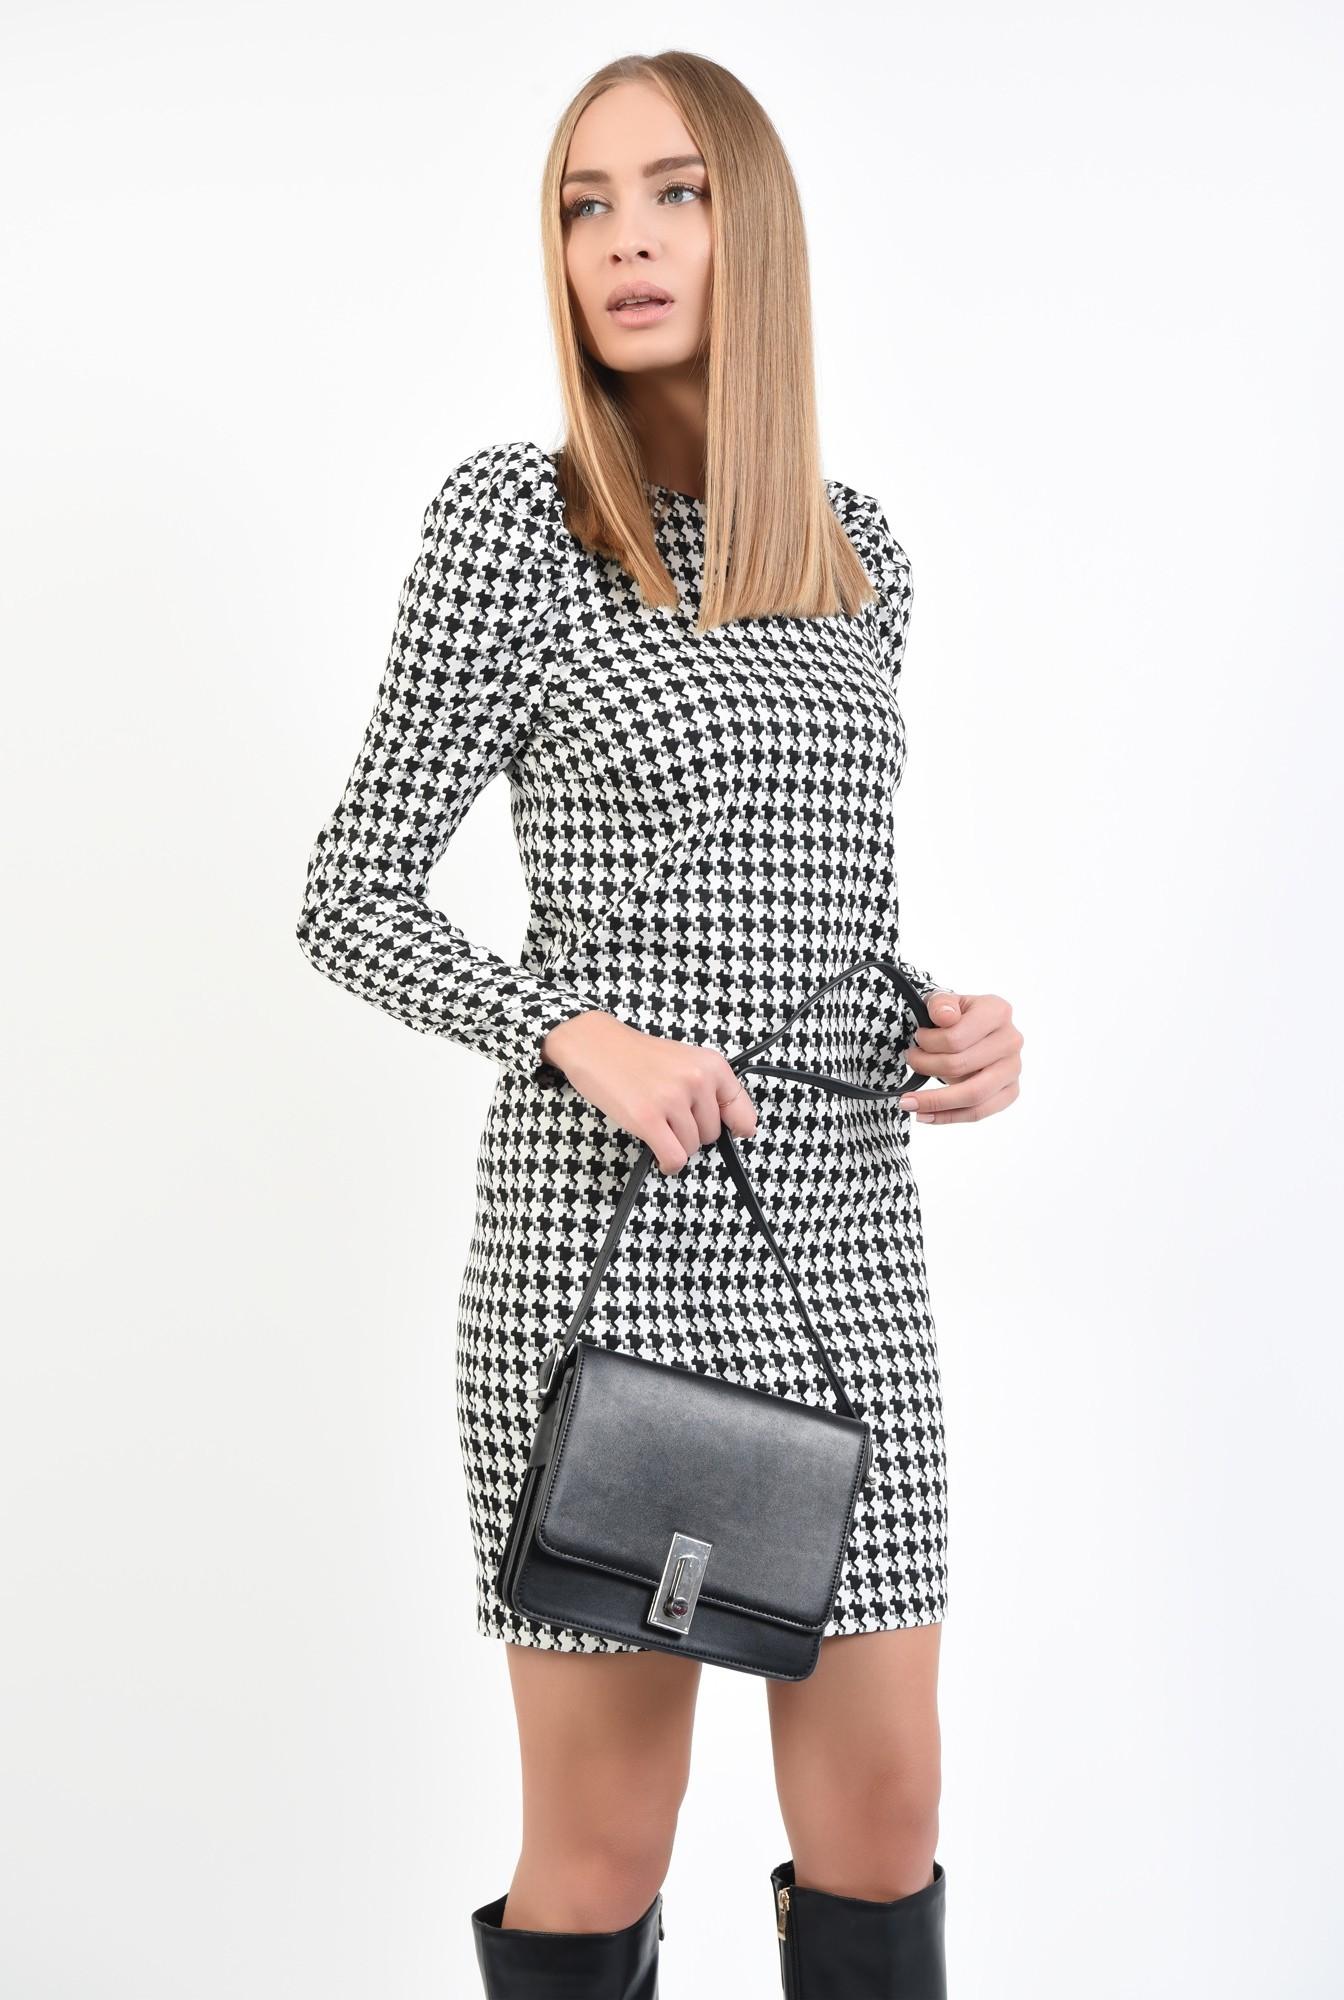 0 - 360 - rochie office, scurta, croi drept, maneci lungi, pepit, alb-negru